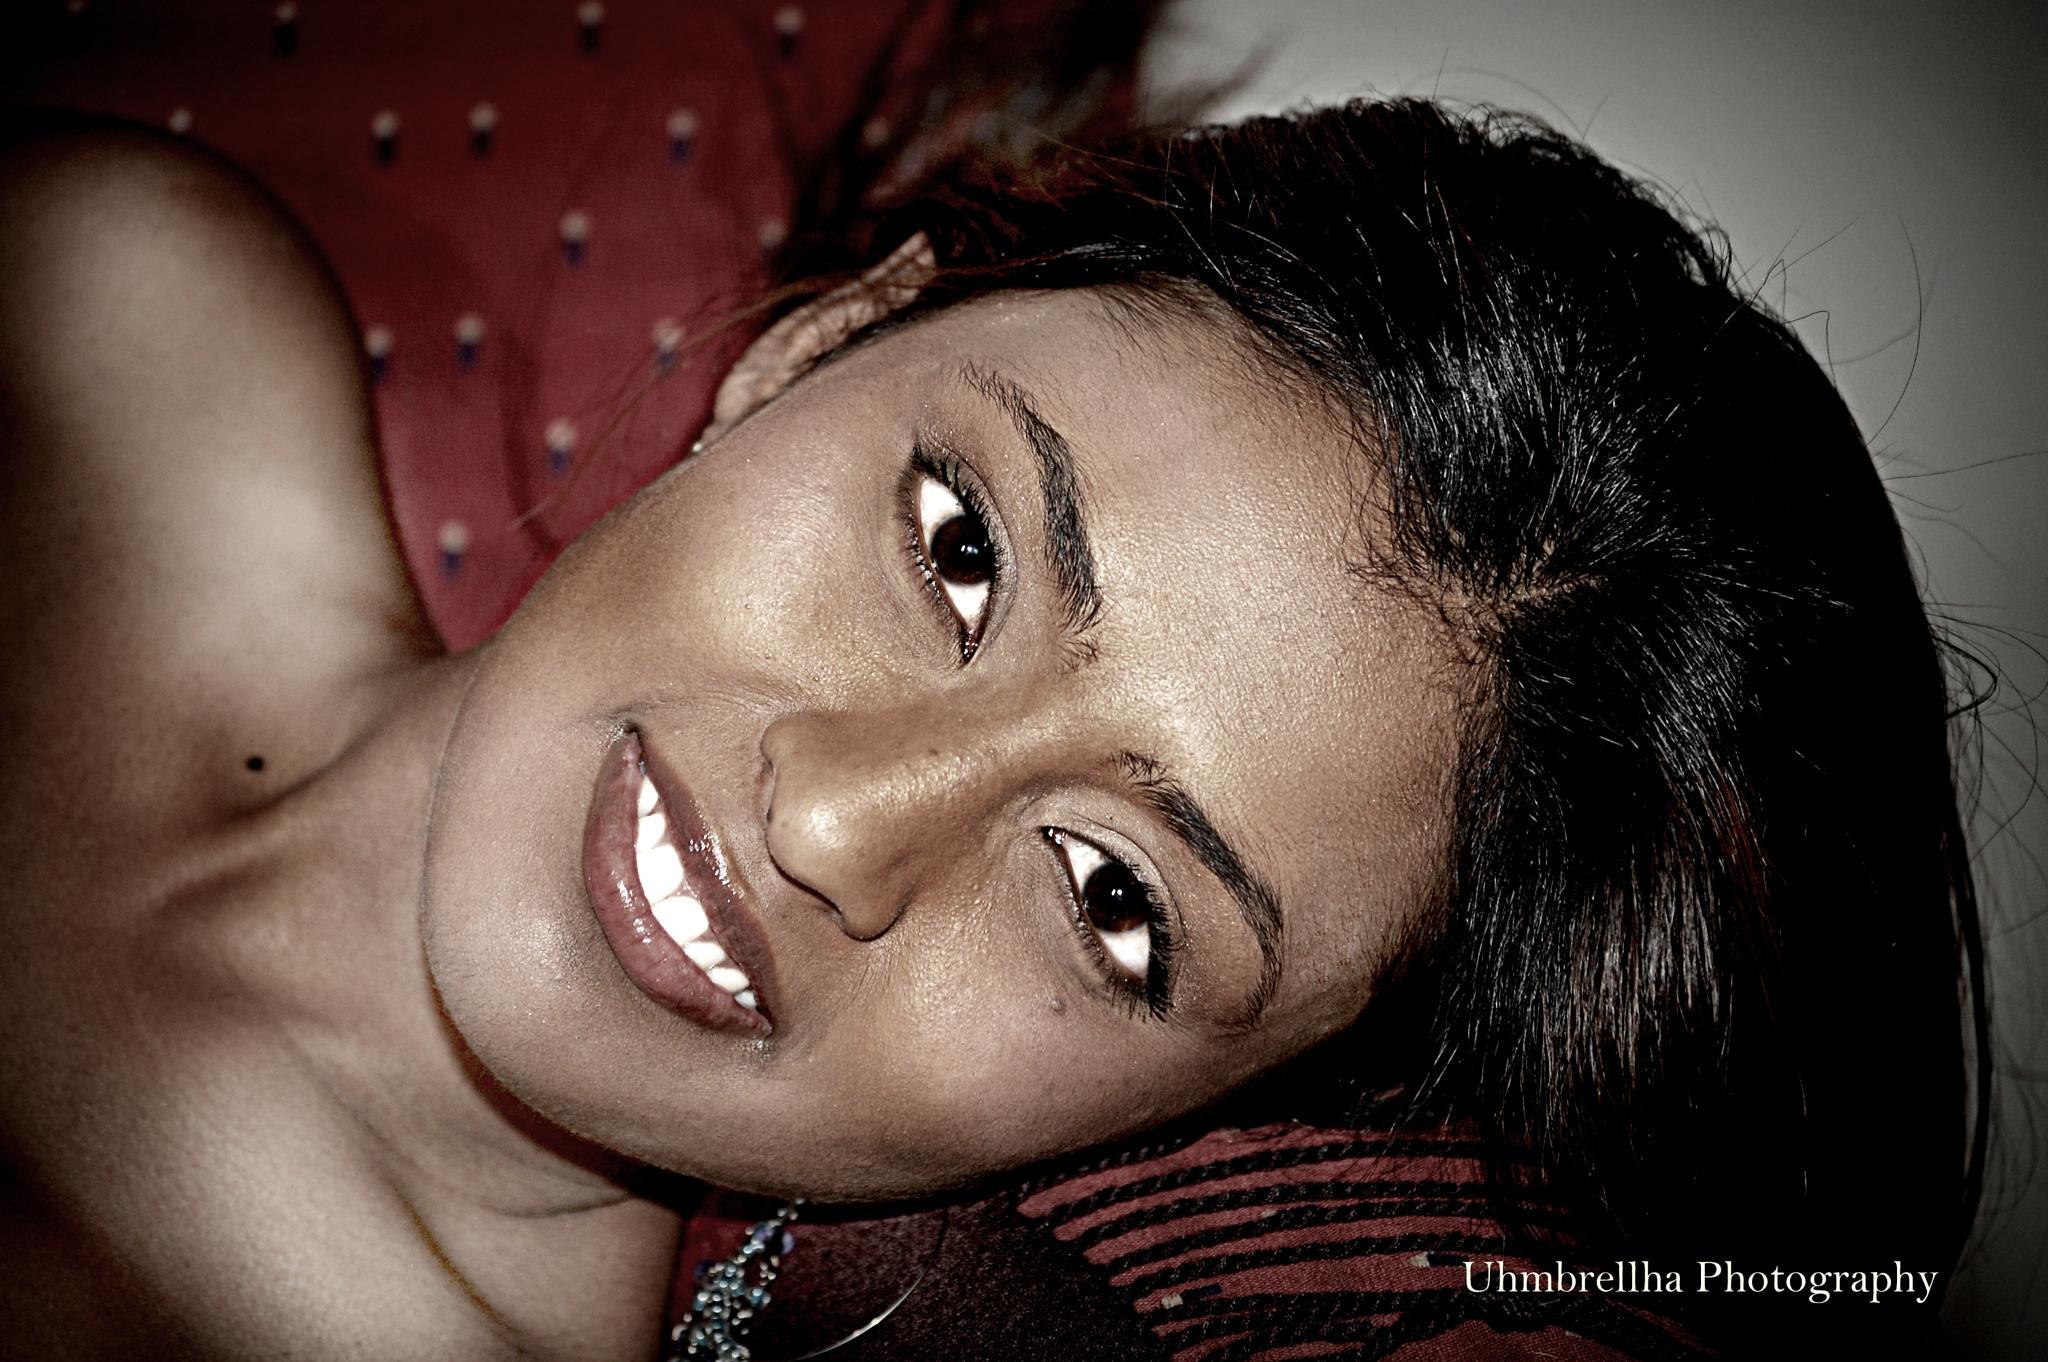 Smiling eyes by smithandredavid